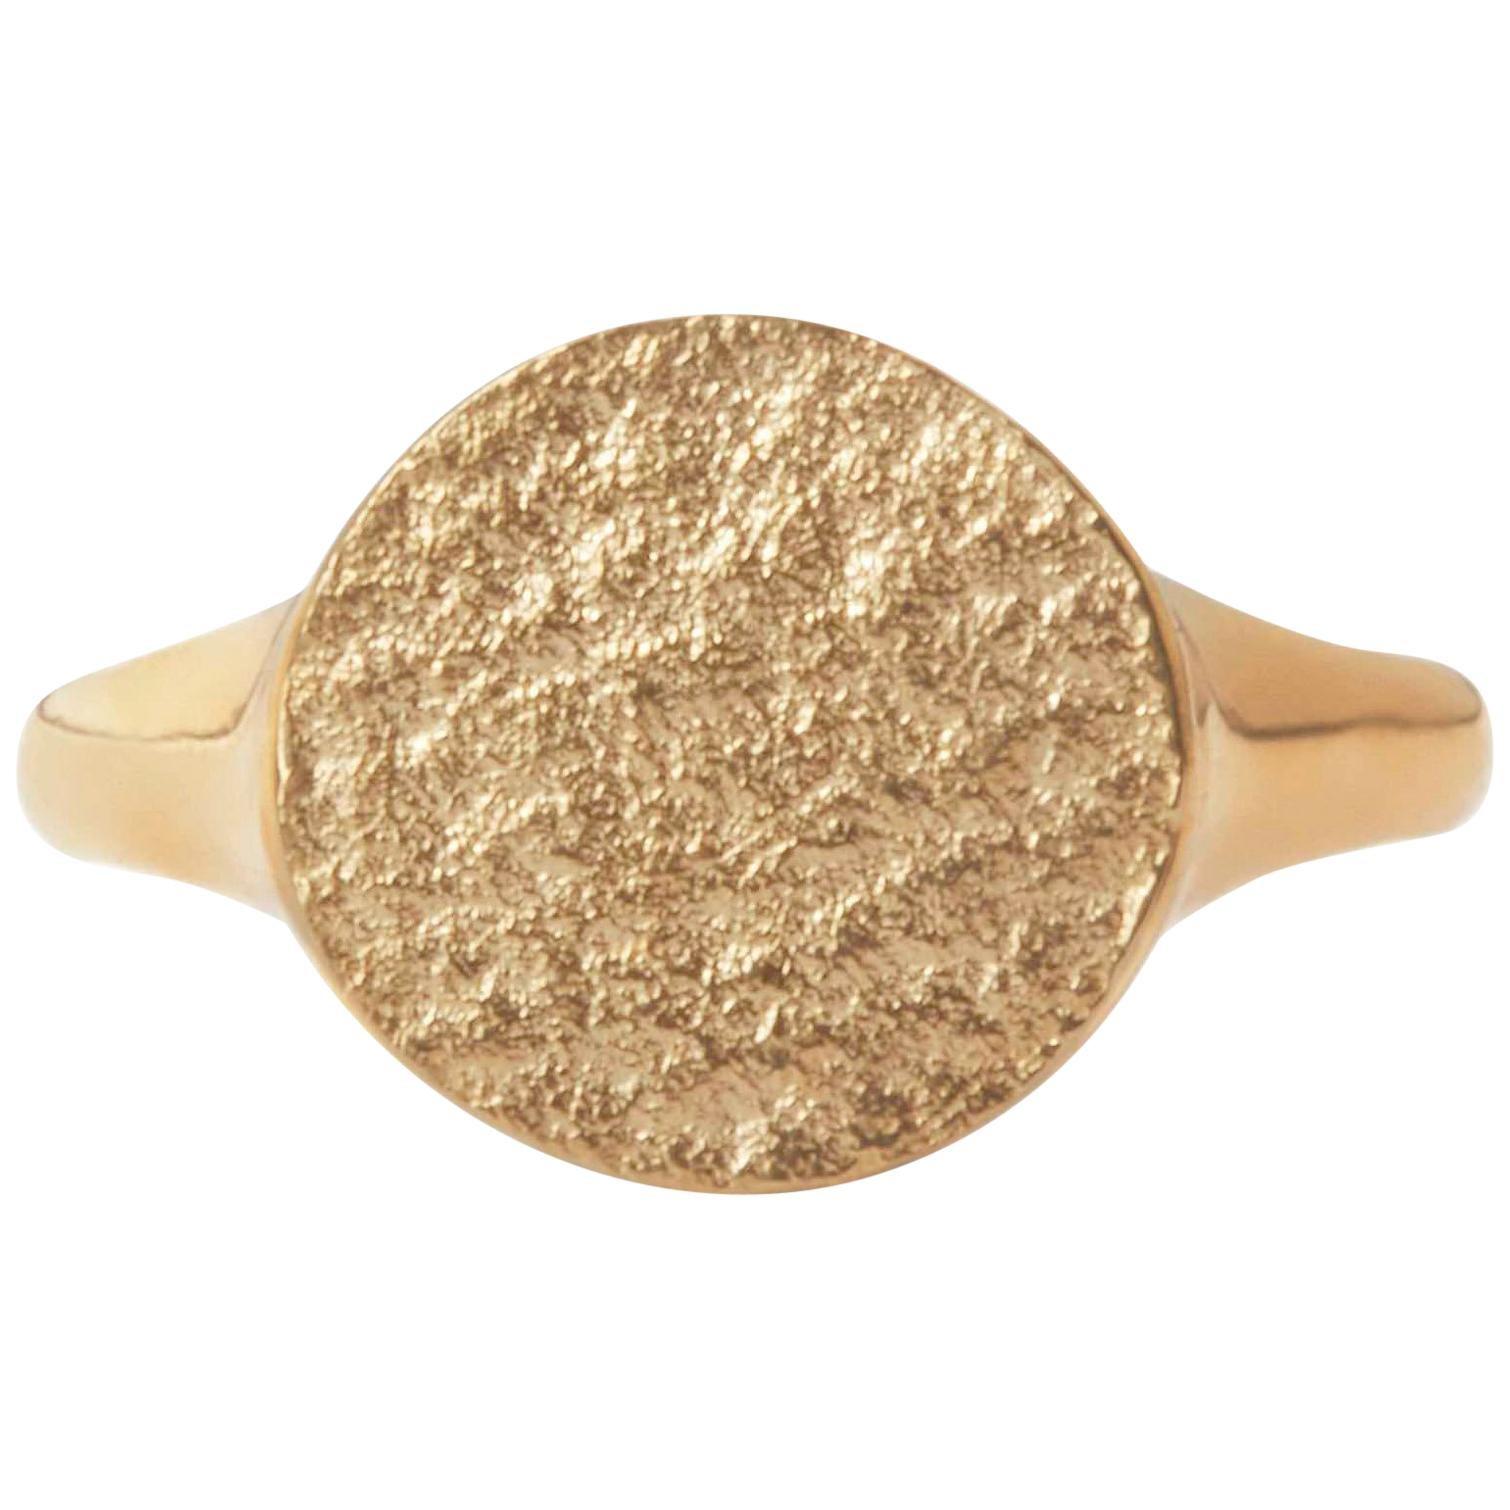 Textured Signet Ring in 9 Karat Gold by Allison Bryan